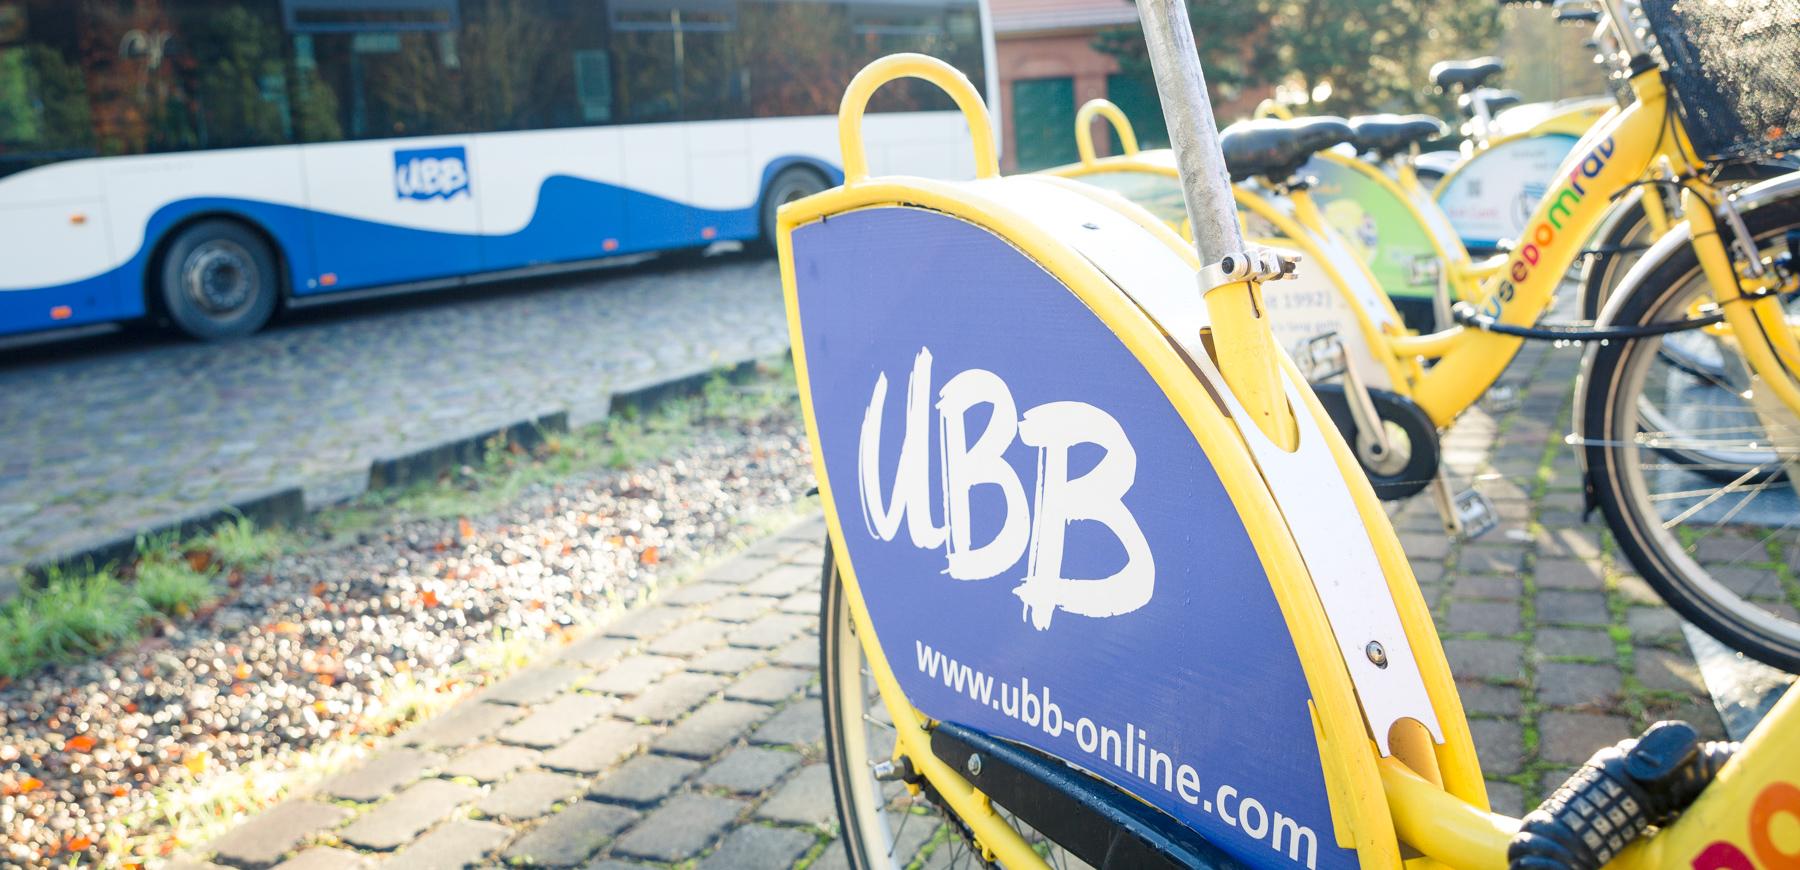 Fahrradständer mit Bus im Hintergrund